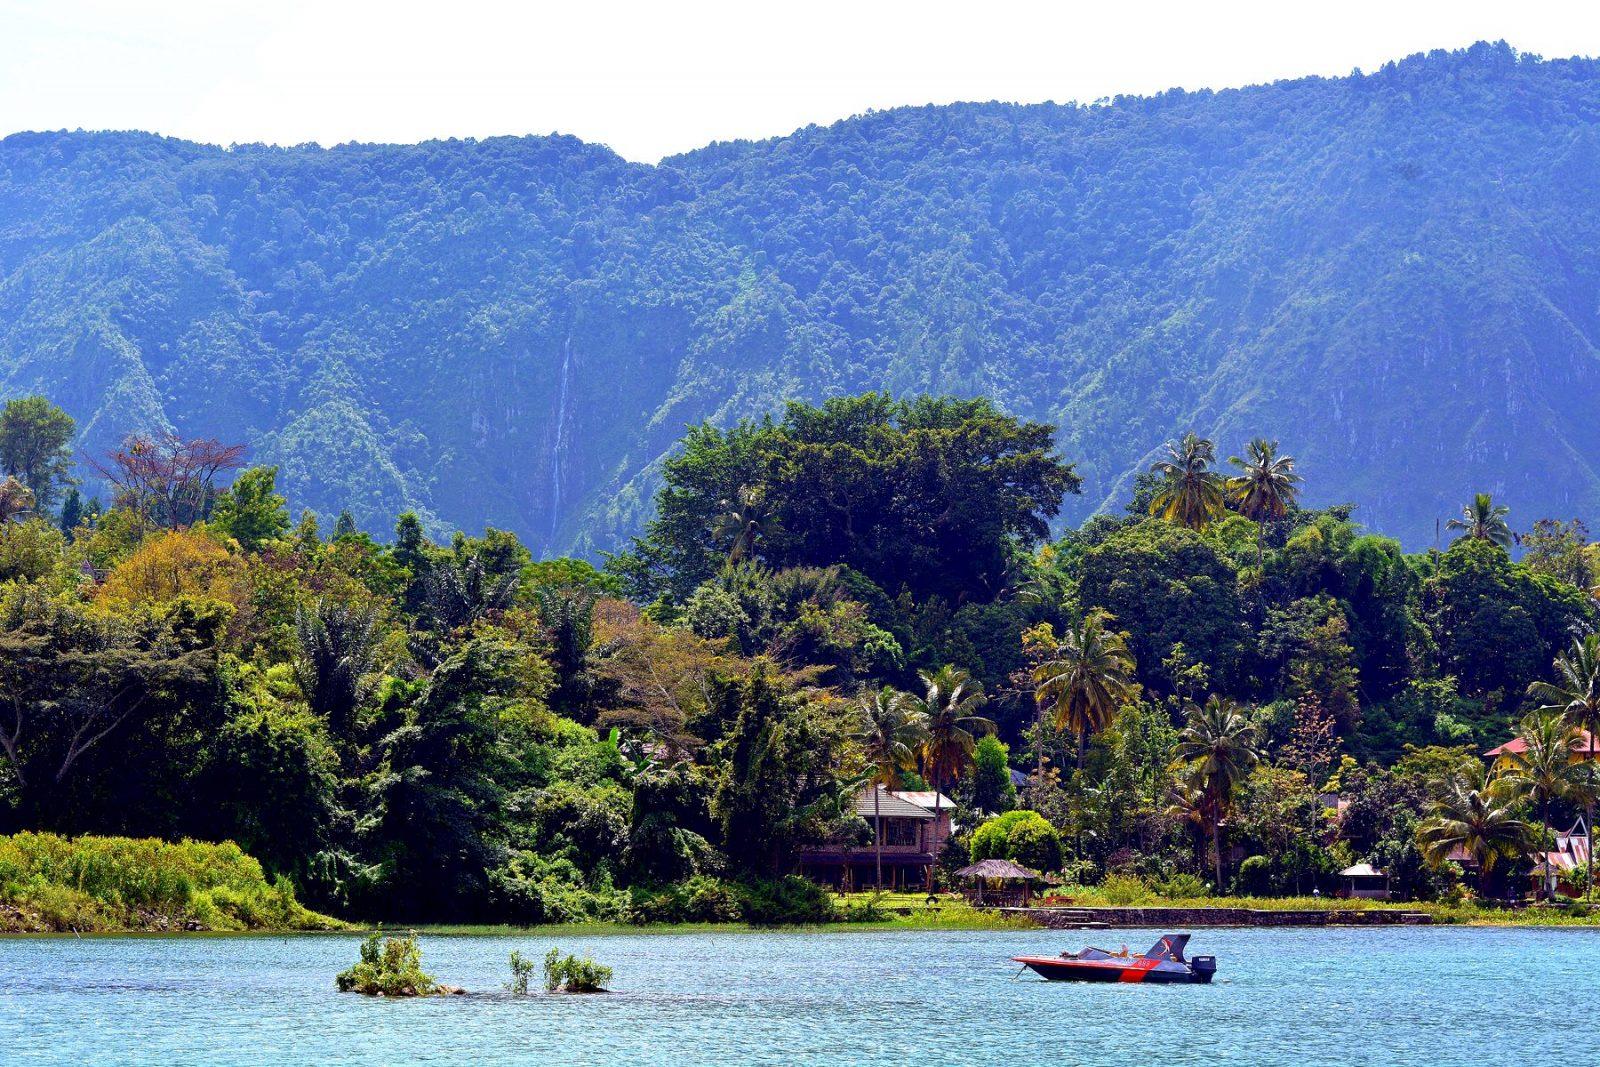 Озеро Тоба, Суматра, Индонезия